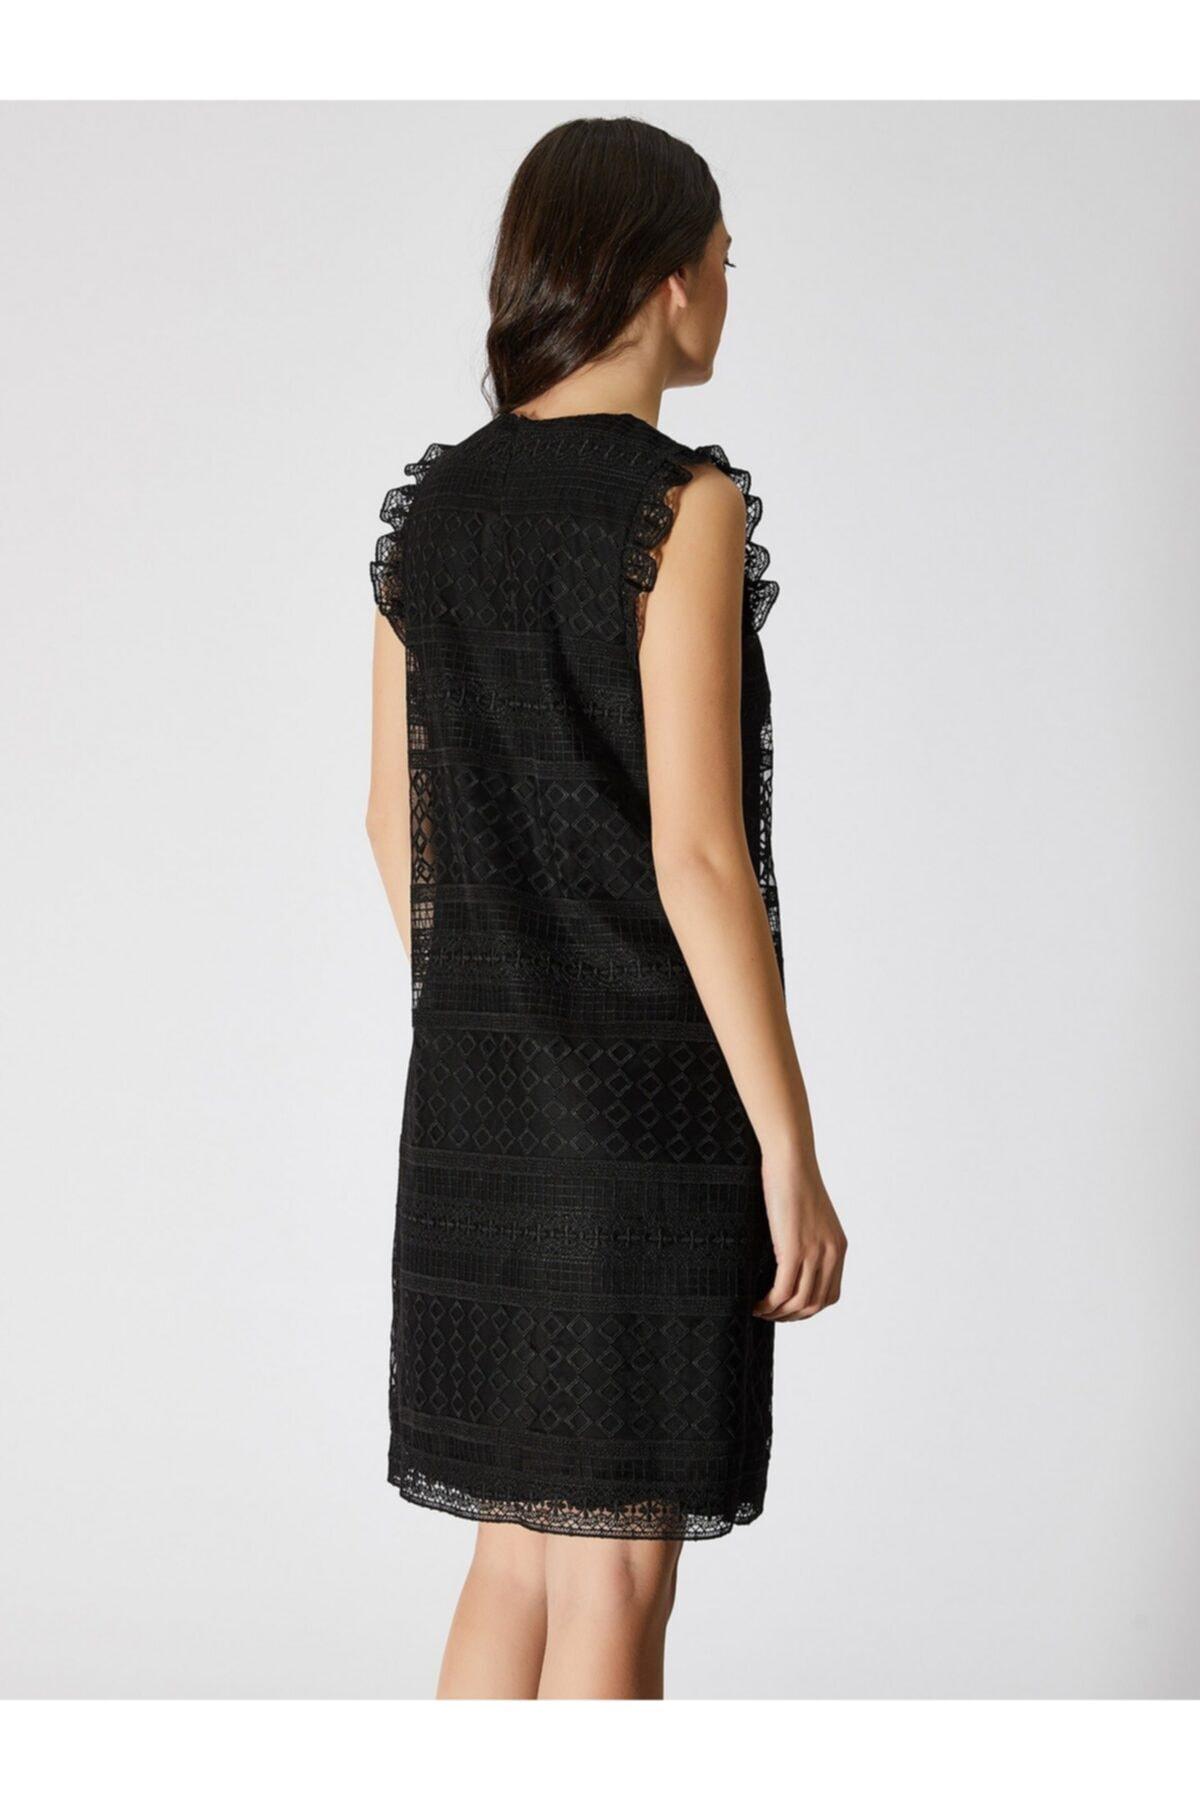 Vekem Kadın Siyah Kolsuz Dantel Elbise 9109-0083 2